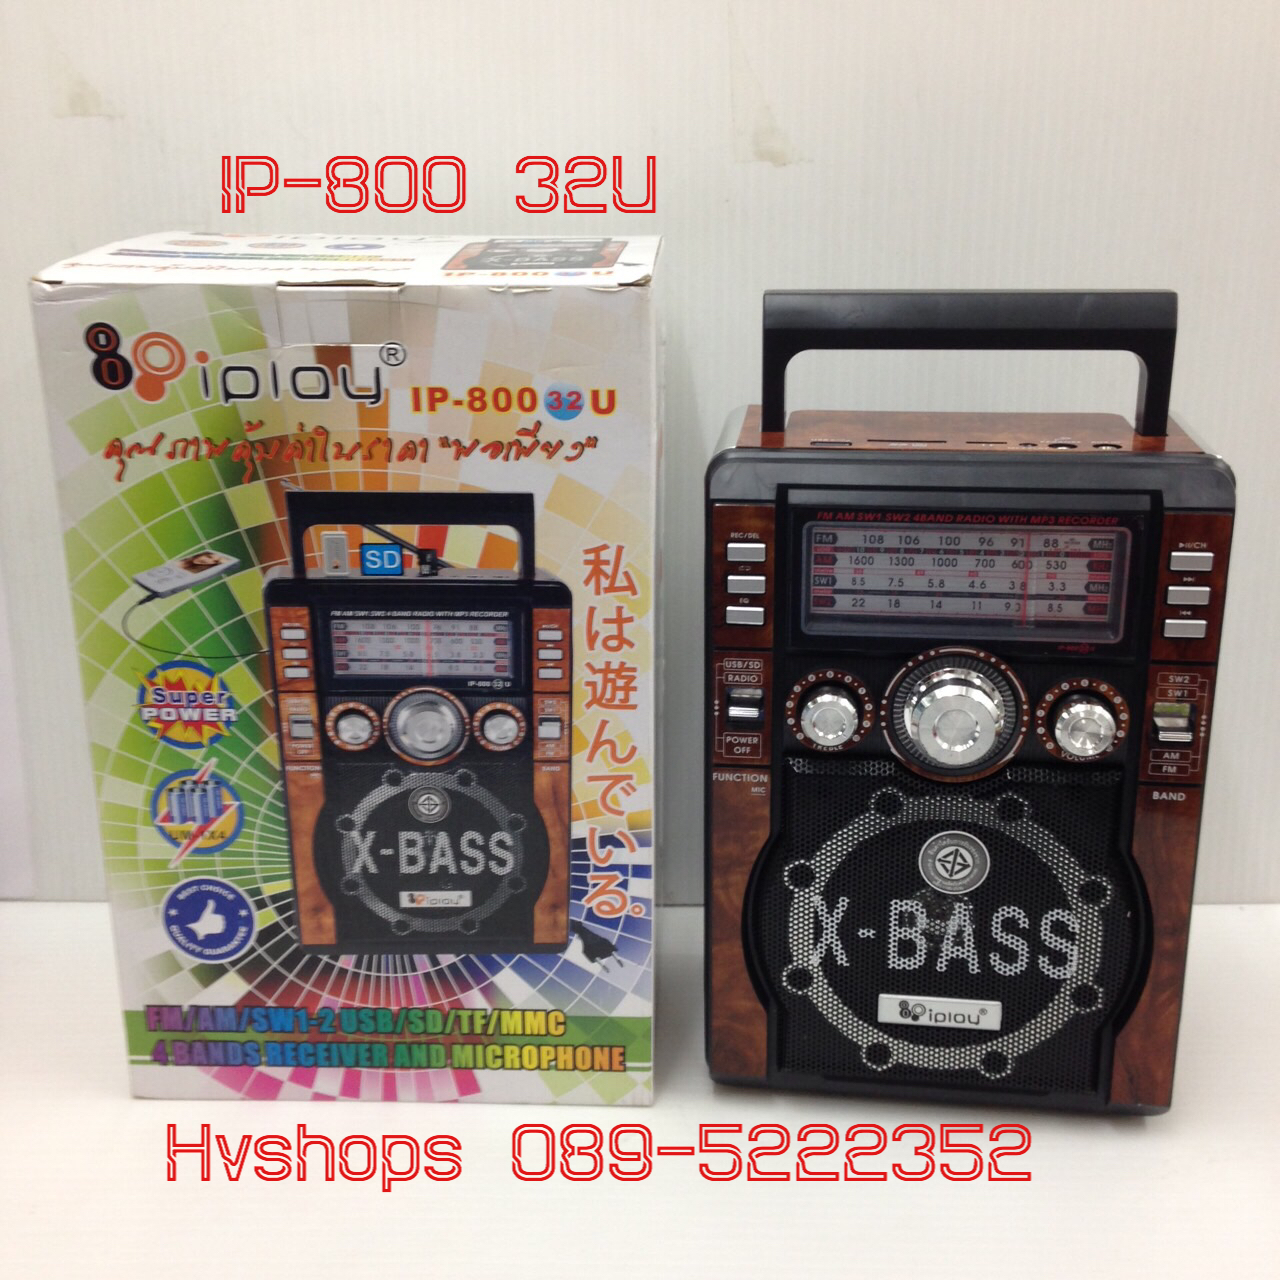 วิทยุ fm Iplay รุ่น IP-800 (32)U